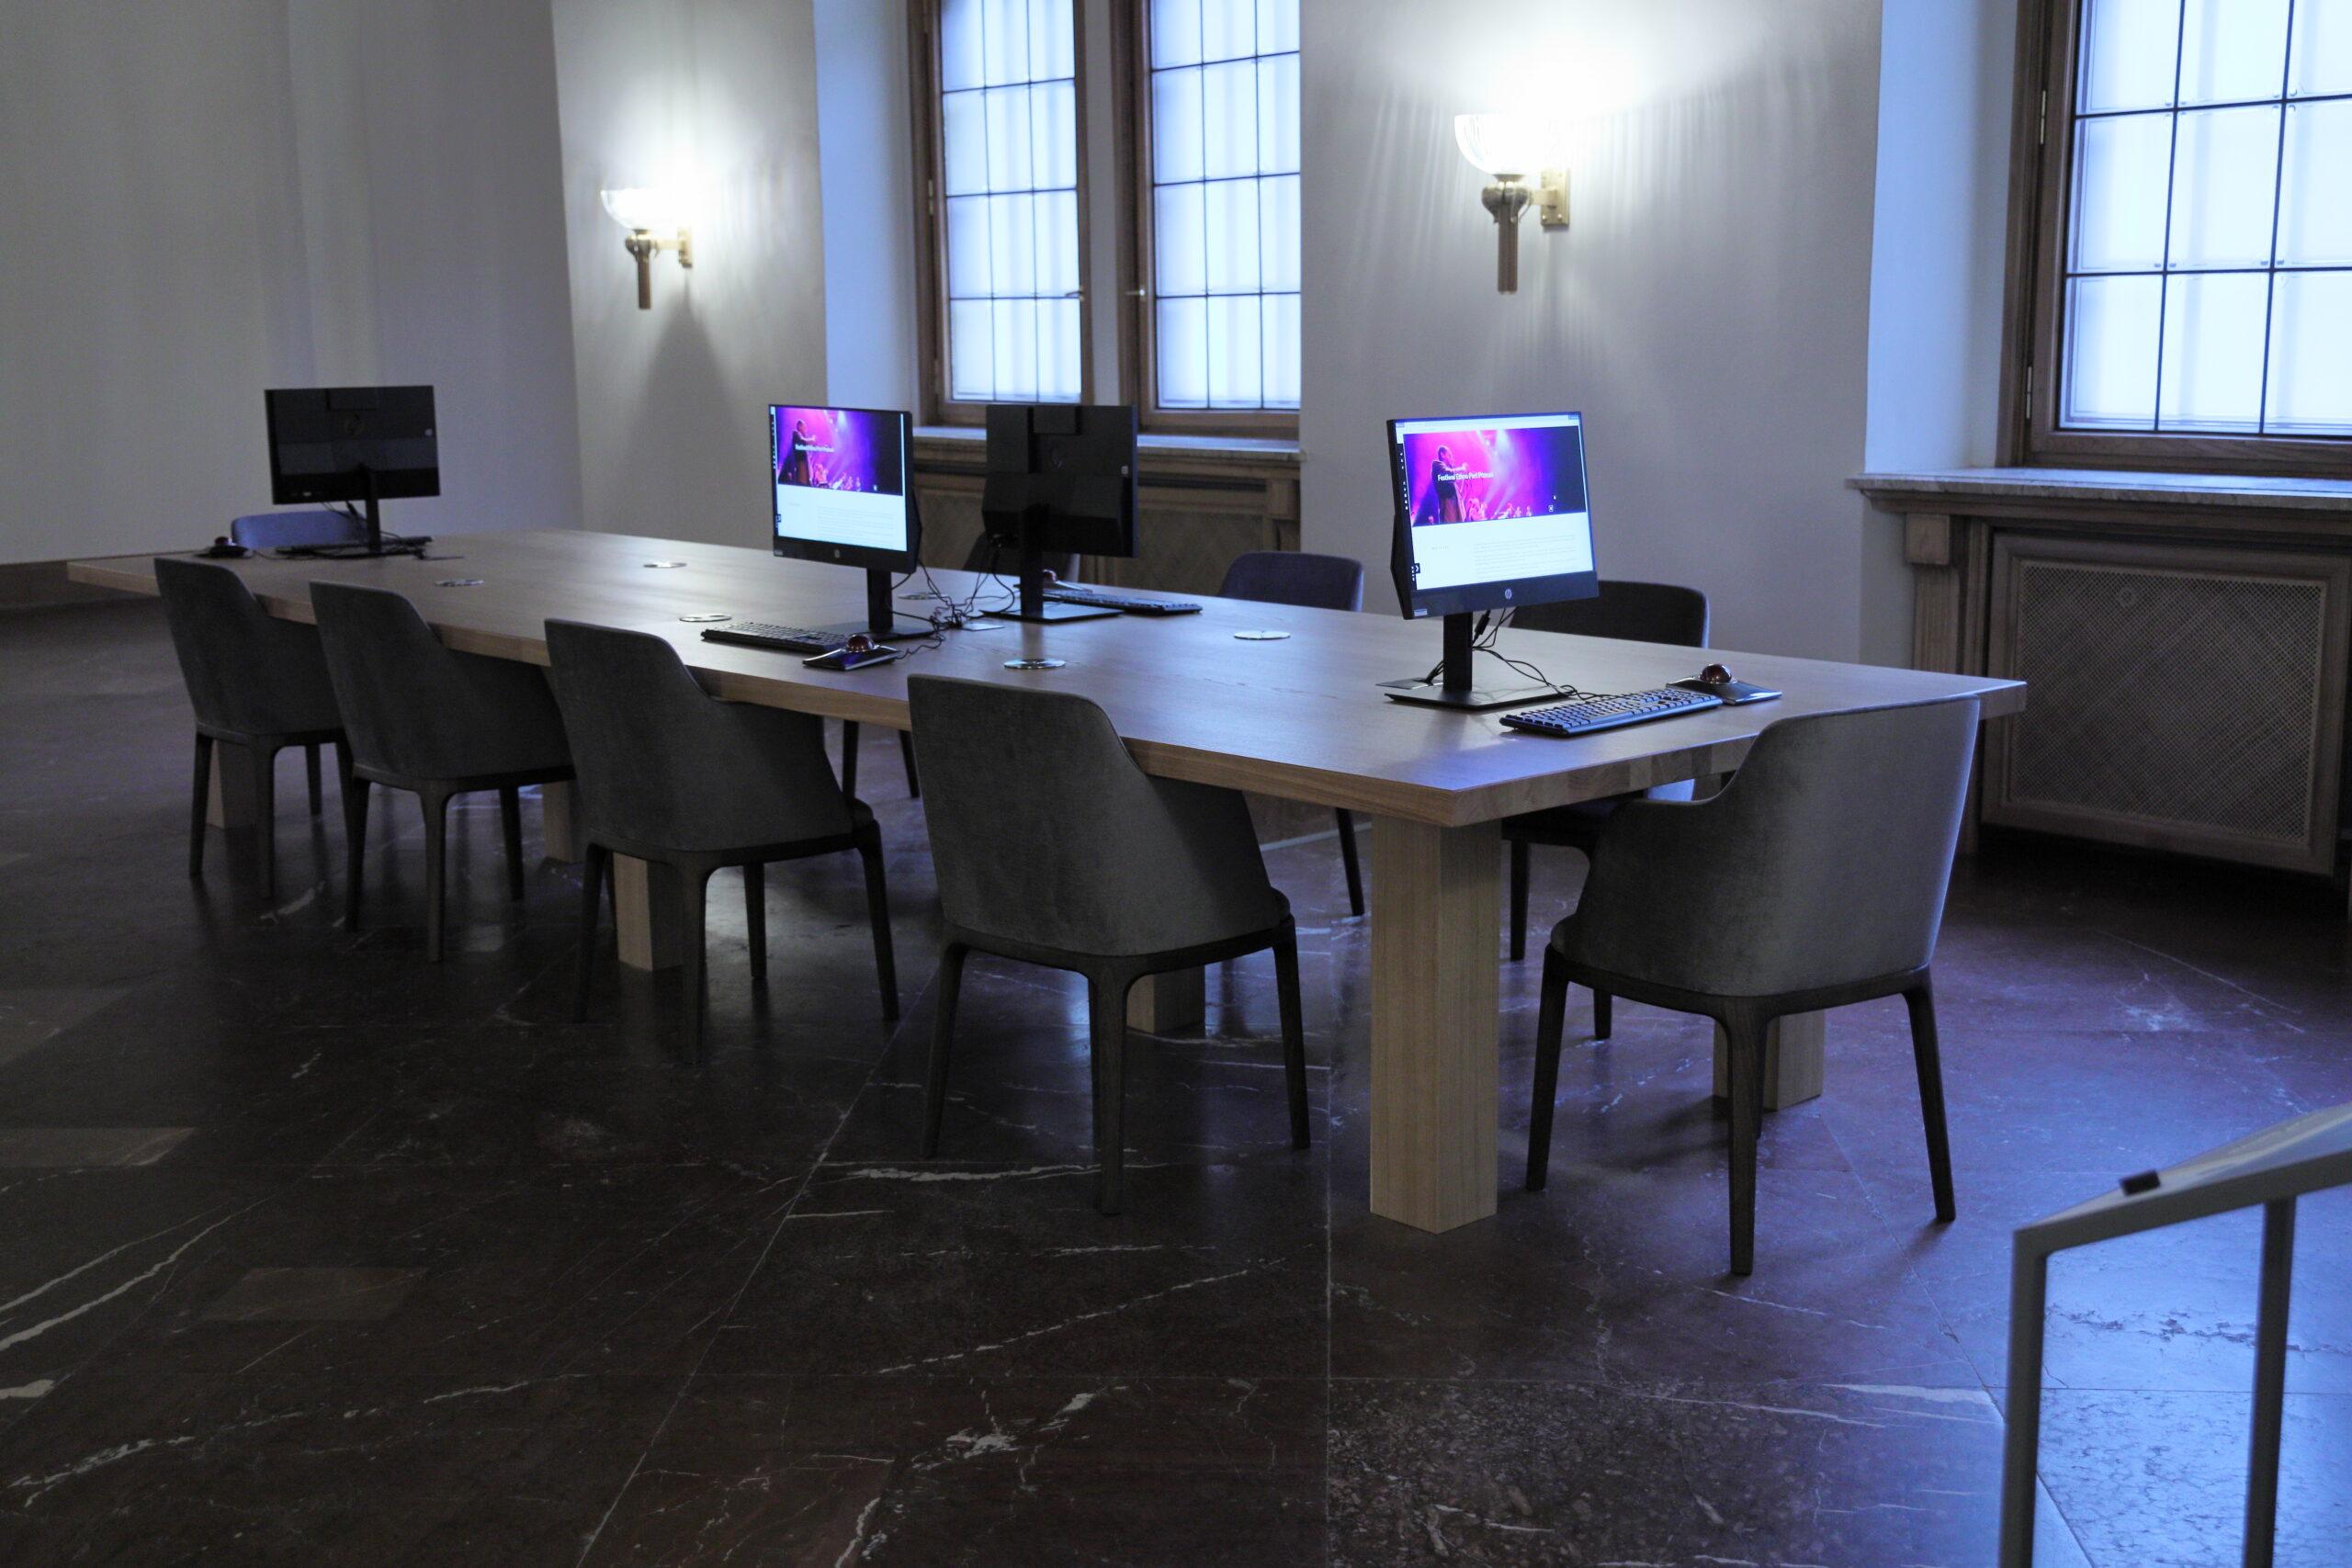 Widok pomieszczenia mediateki: na marmurowej podłodze stoi duży, jasny stół otoczony szarymi krzesłami. Na stole widać cztery monitory, z których dwa są włączone i mają kolorowe ekrany. Za stołem widać ścianę z lampami - kinkietami, z których pada światło, oraz z oknami.